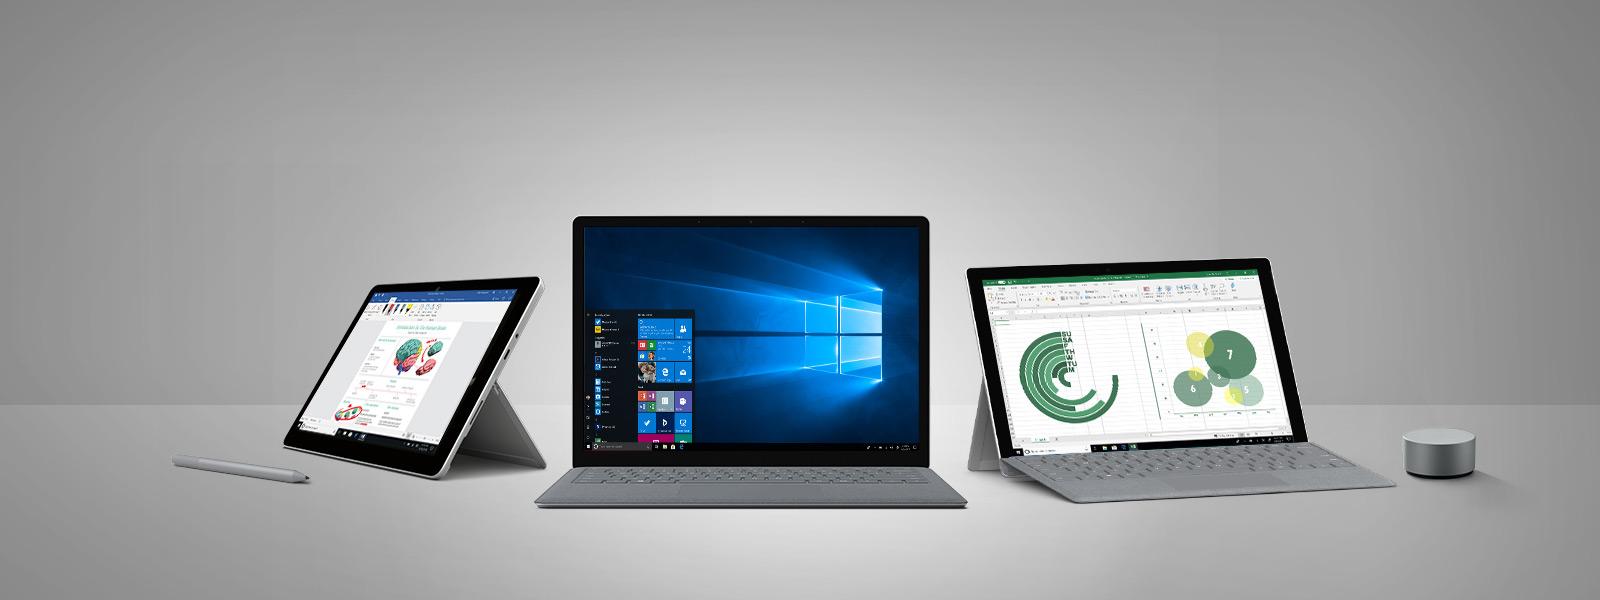 Windows 设备优惠,尽在微软官方商城开学季